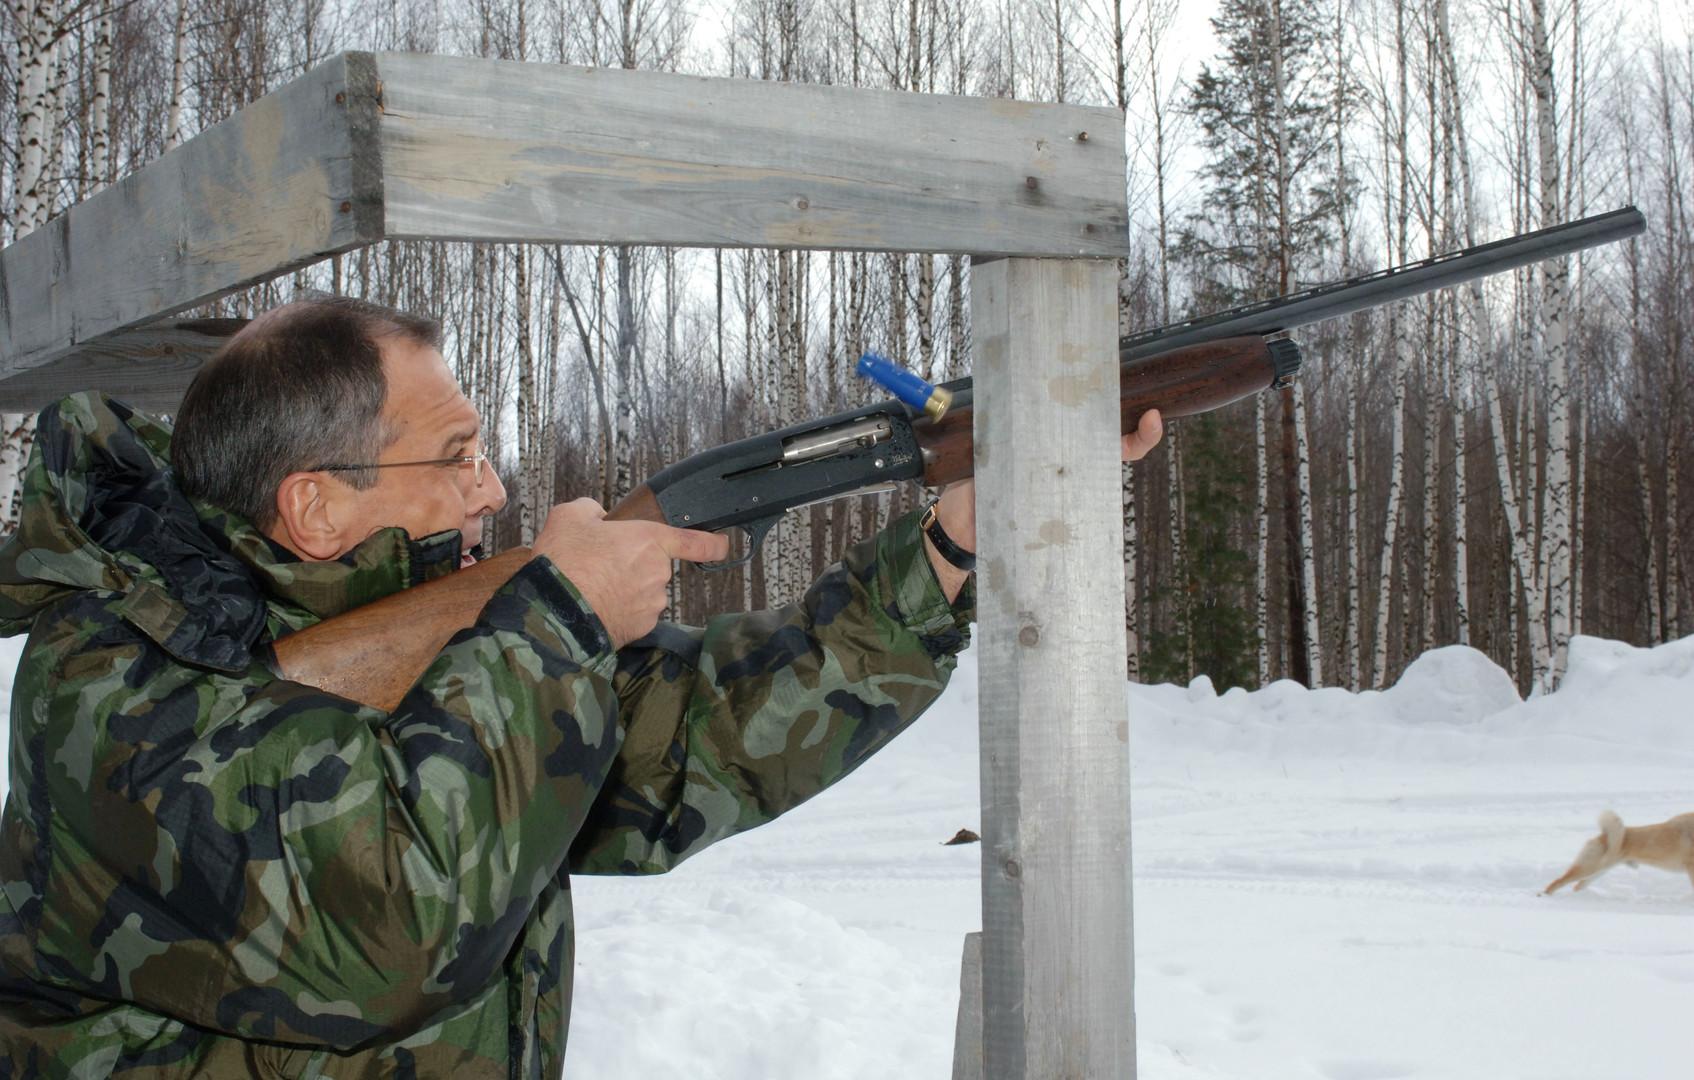 Sergej Lawrow bei der Jagd in Chanty-Mansijsk. Aufgenommen am 23. März 2007.